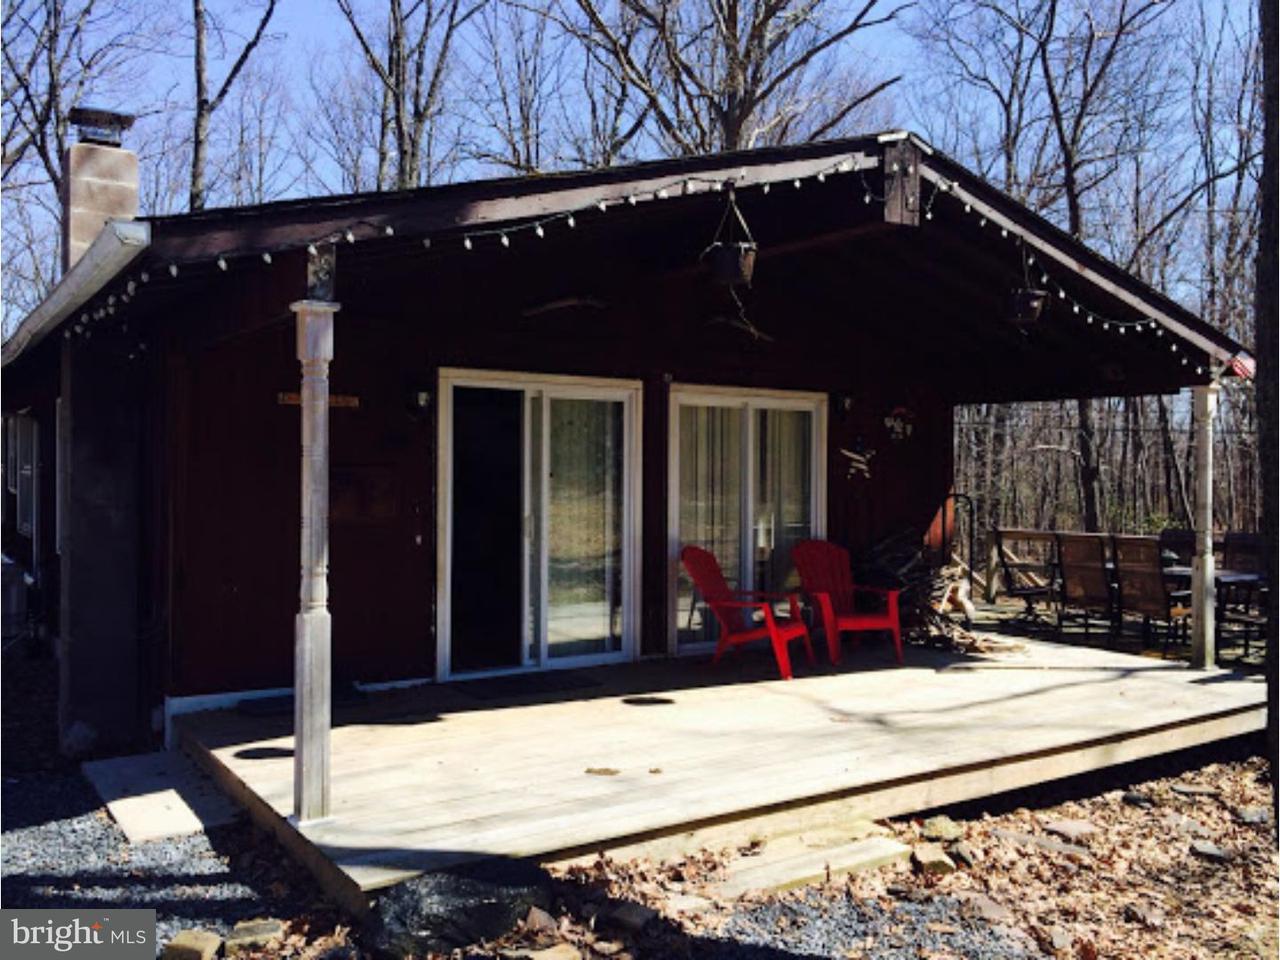 Частный односемейный дом для того Продажа на 579 CHAMONIX Lane Zion Grove, Пенсильвания 17985 Соединенные Штаты